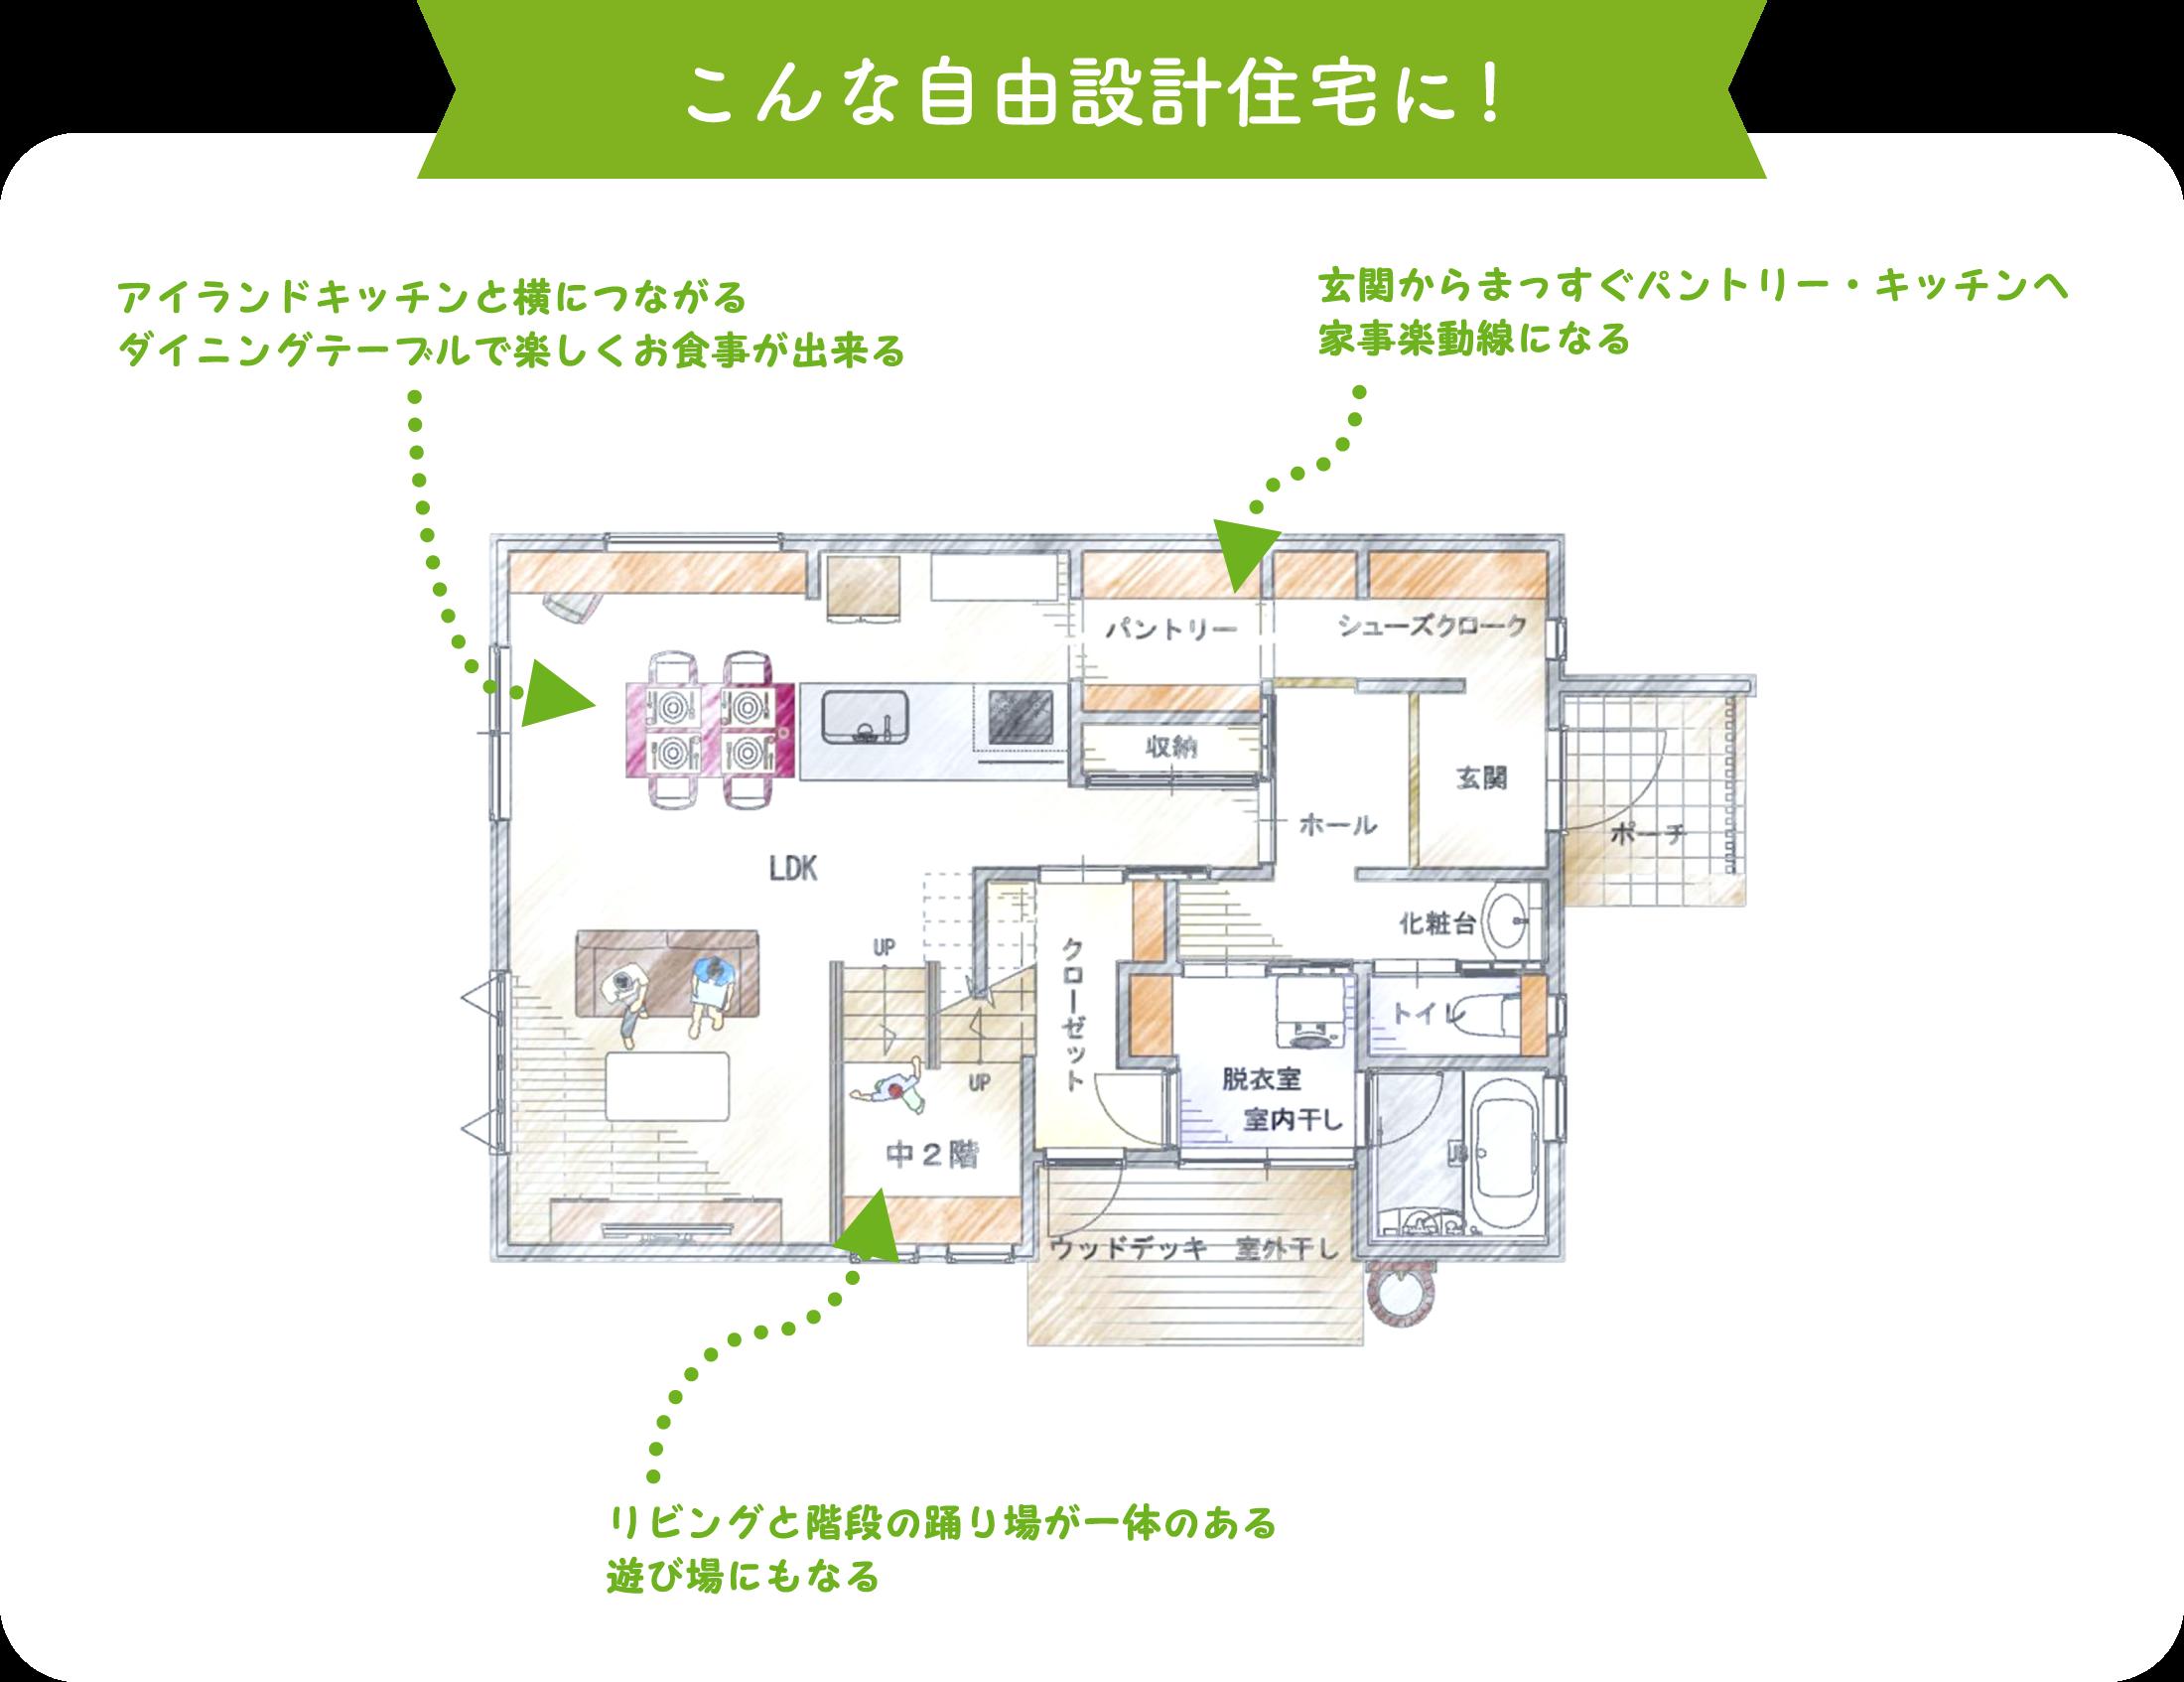 こんな自由設計住宅に!